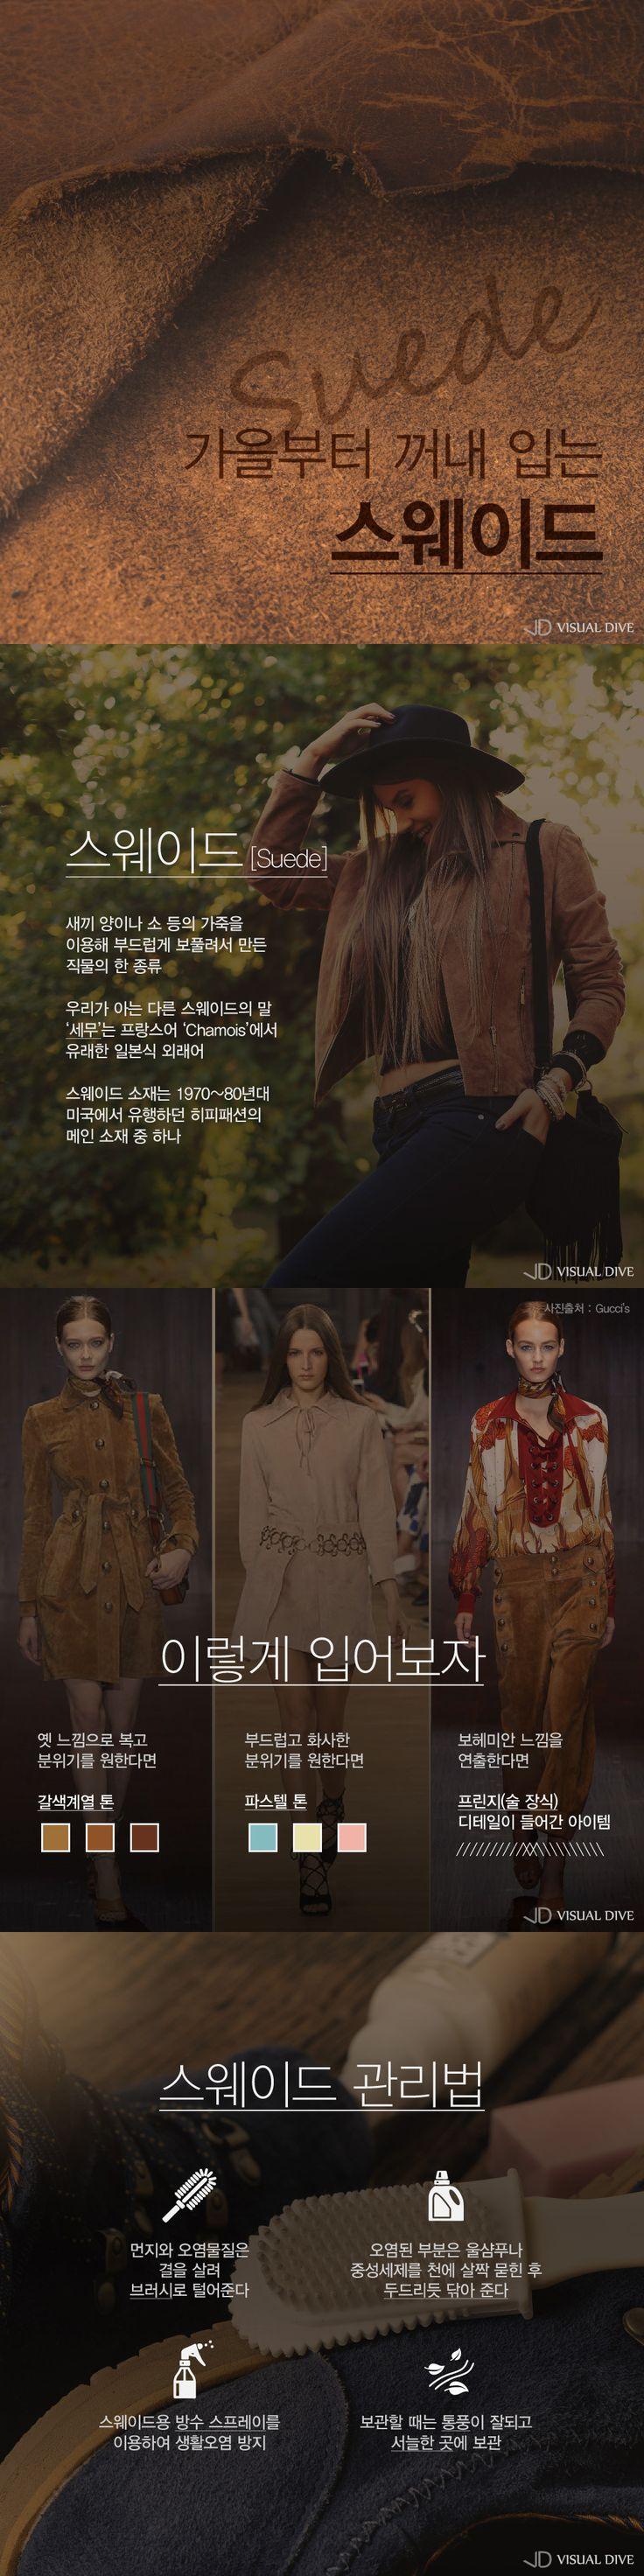 올 가을 핫 패션 키워드 '스웨이드'[인포그래픽] #Fashion / #Infographic ⓒ 비주얼다이브 무단 복사·전재·재배포 금지